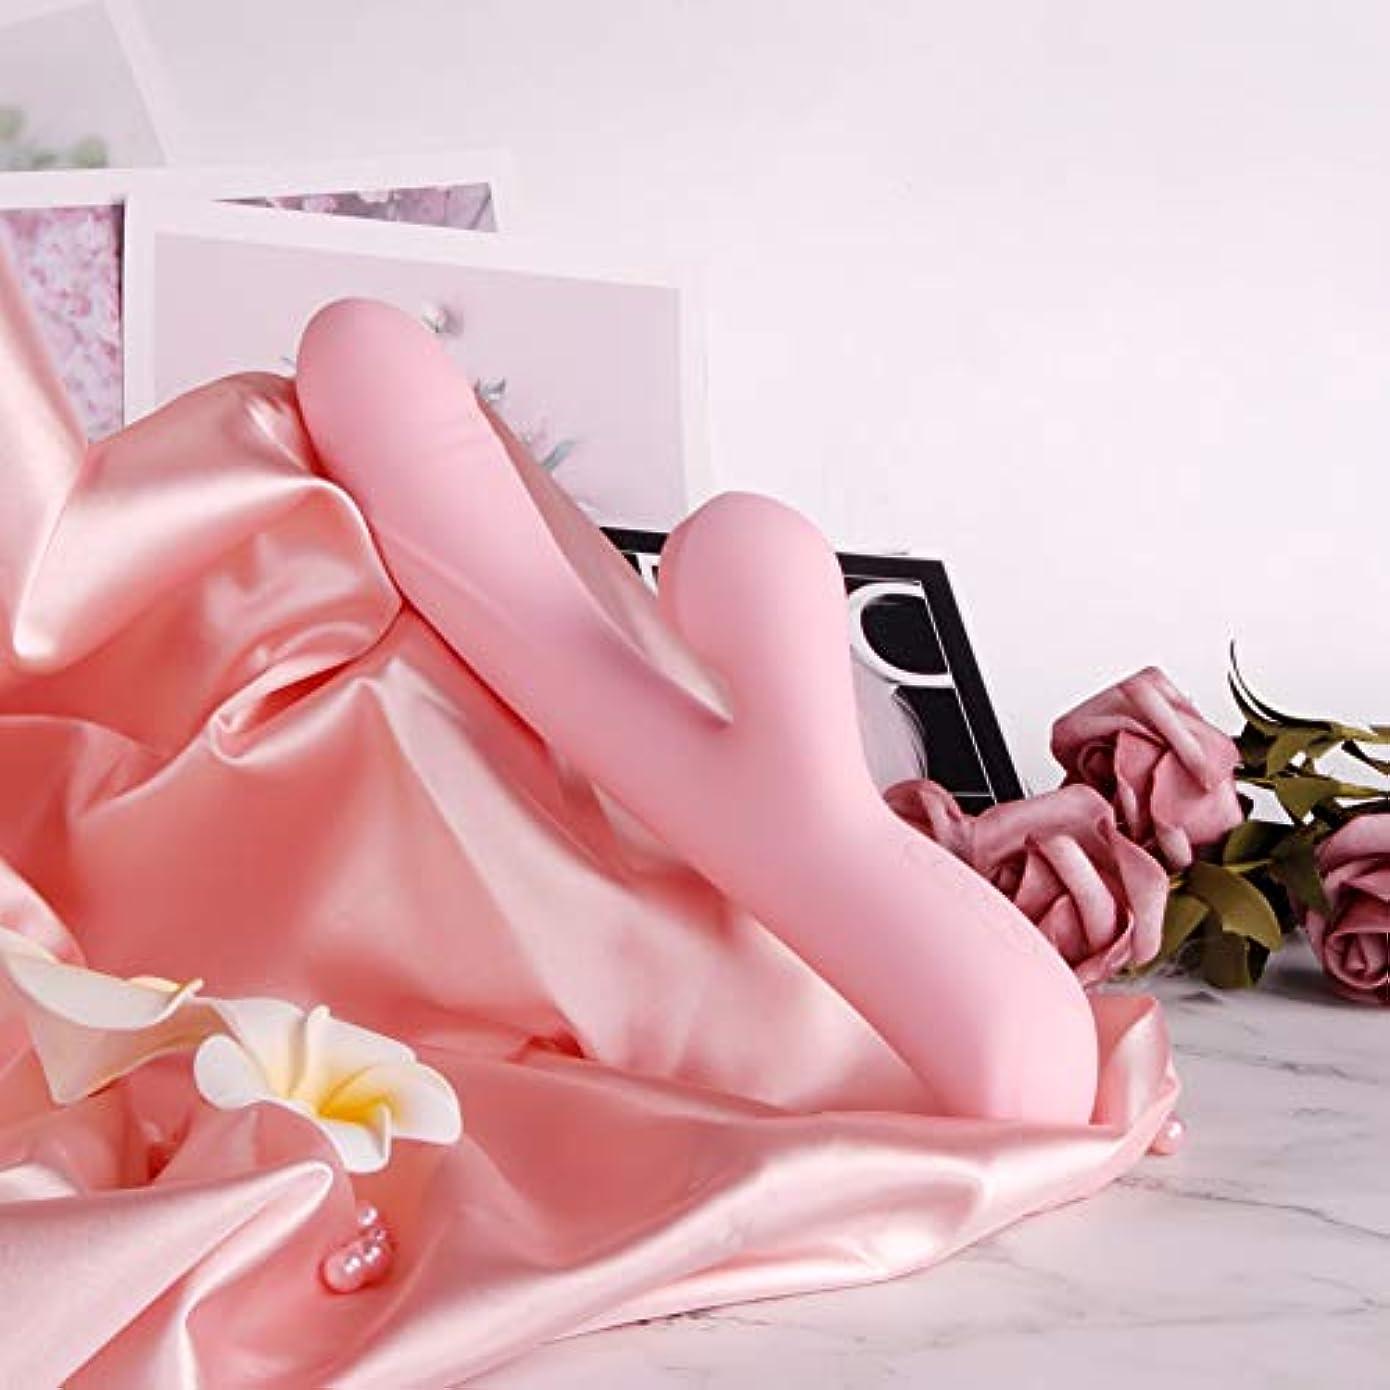 一般的な心配する形状脚 マッサージ バイブレーターUSB充電式 AVマジック ワンドバイブレーター マッサージャー 大人のおもちゃ女性用 10スピード電動マッサージ器 42度加熱 自由に曲げられる (ピンク色)